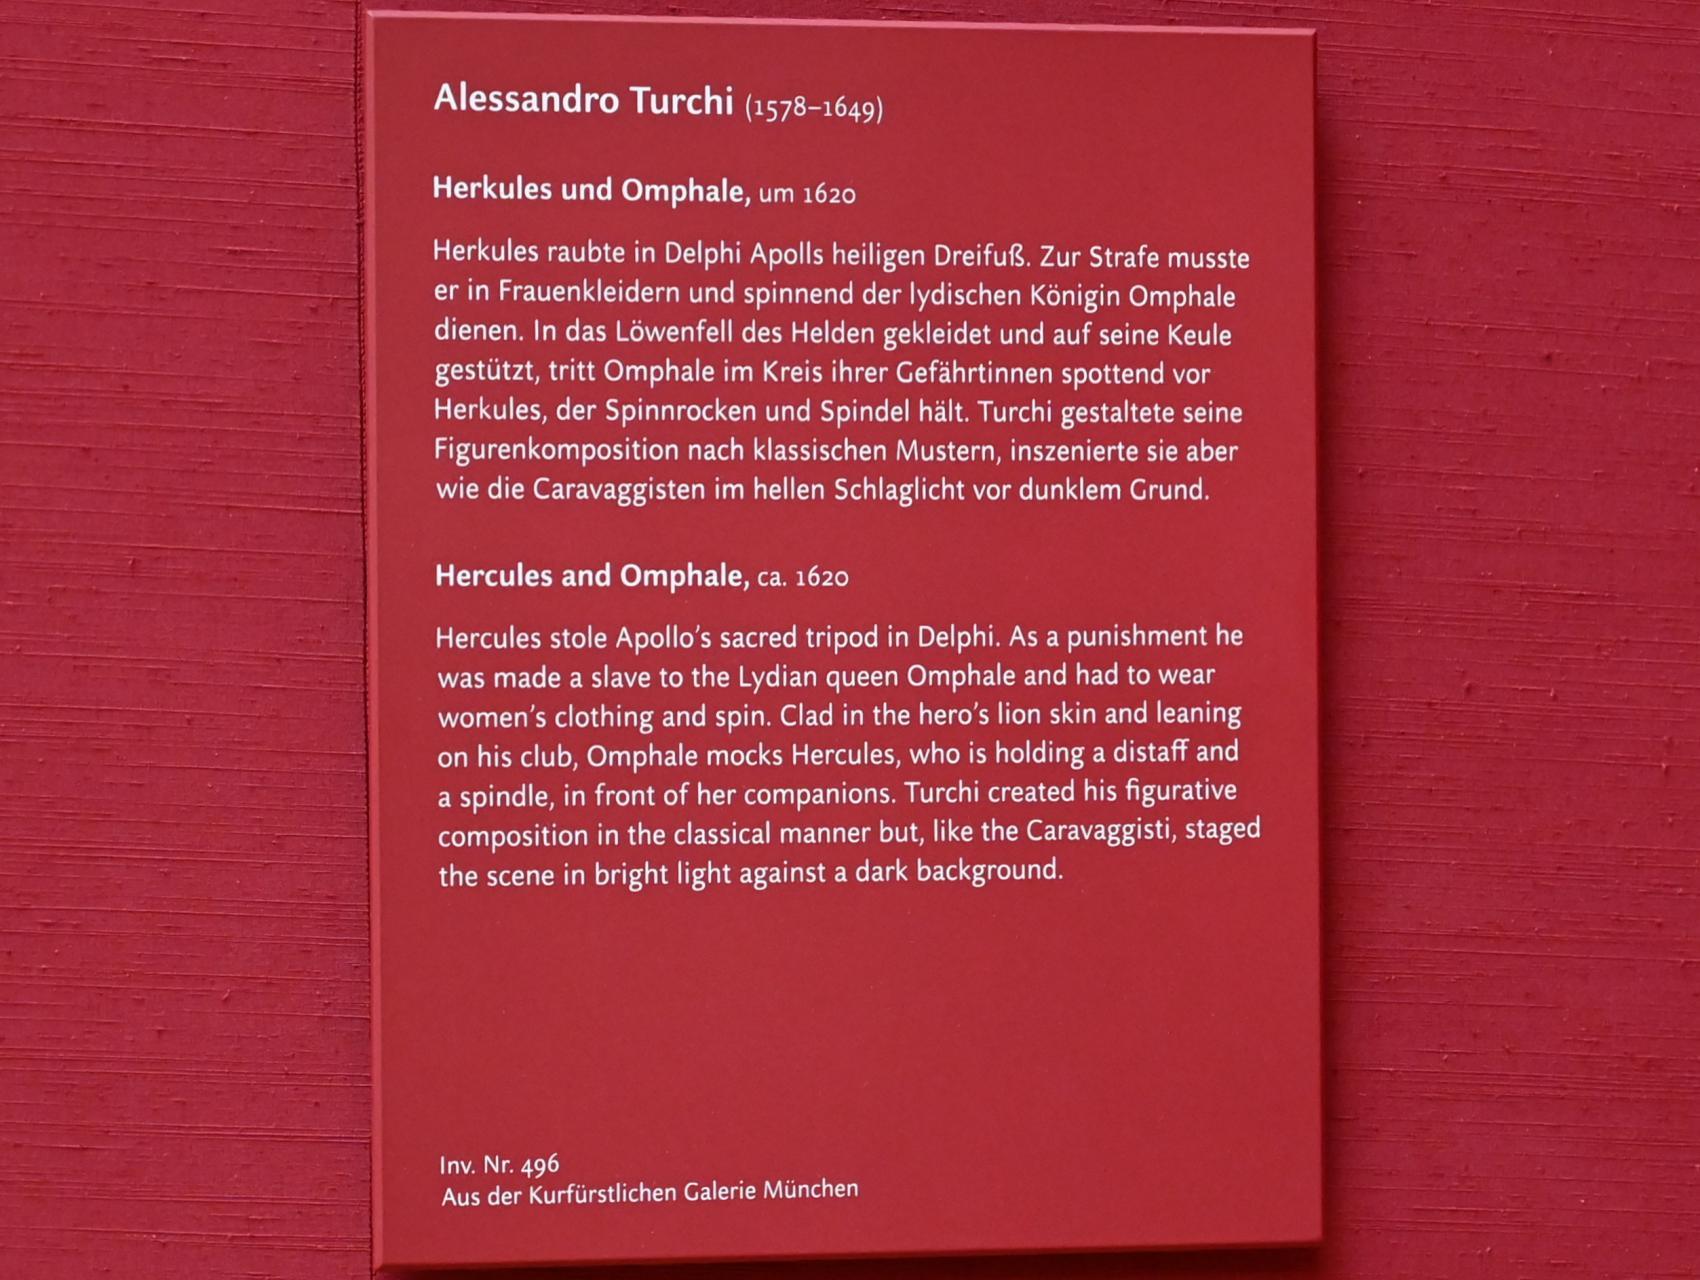 Alessandro Turchi (L'Orbetto): Herkules und Omphale, um 1620, Bild 2/2